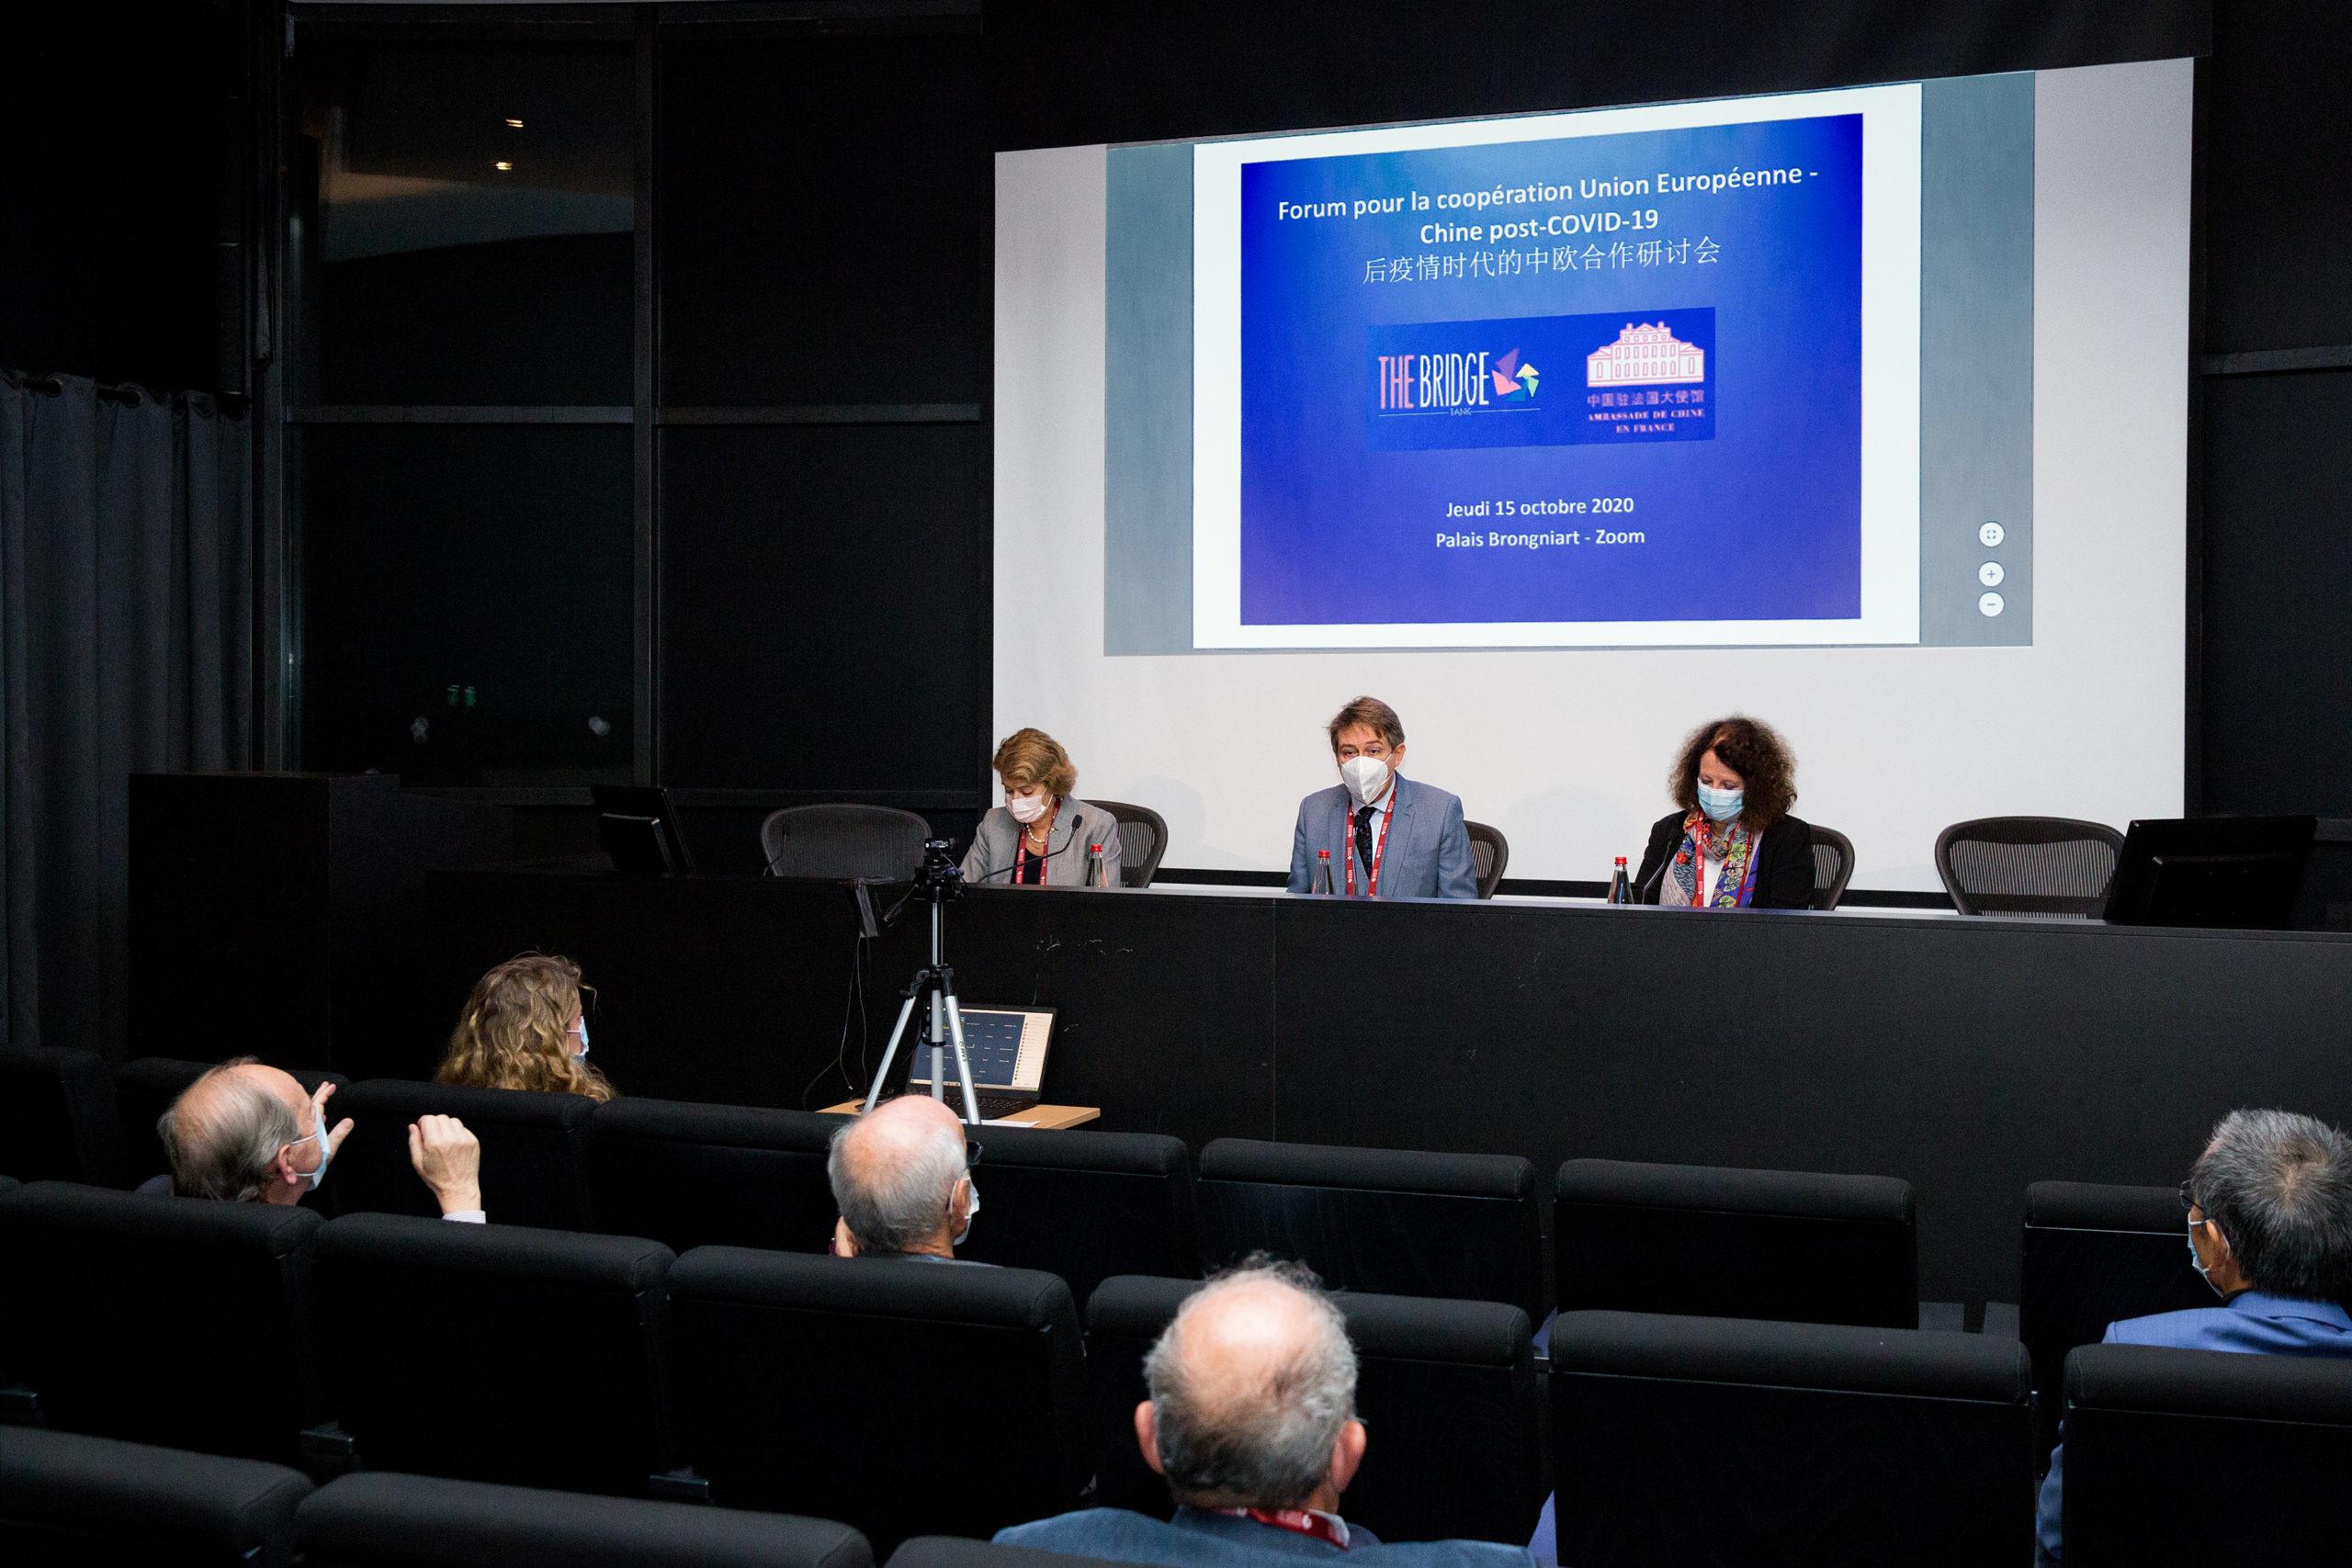 Forum pour la coopération UE-Chine post-Covid-19 – Session d'Introduction